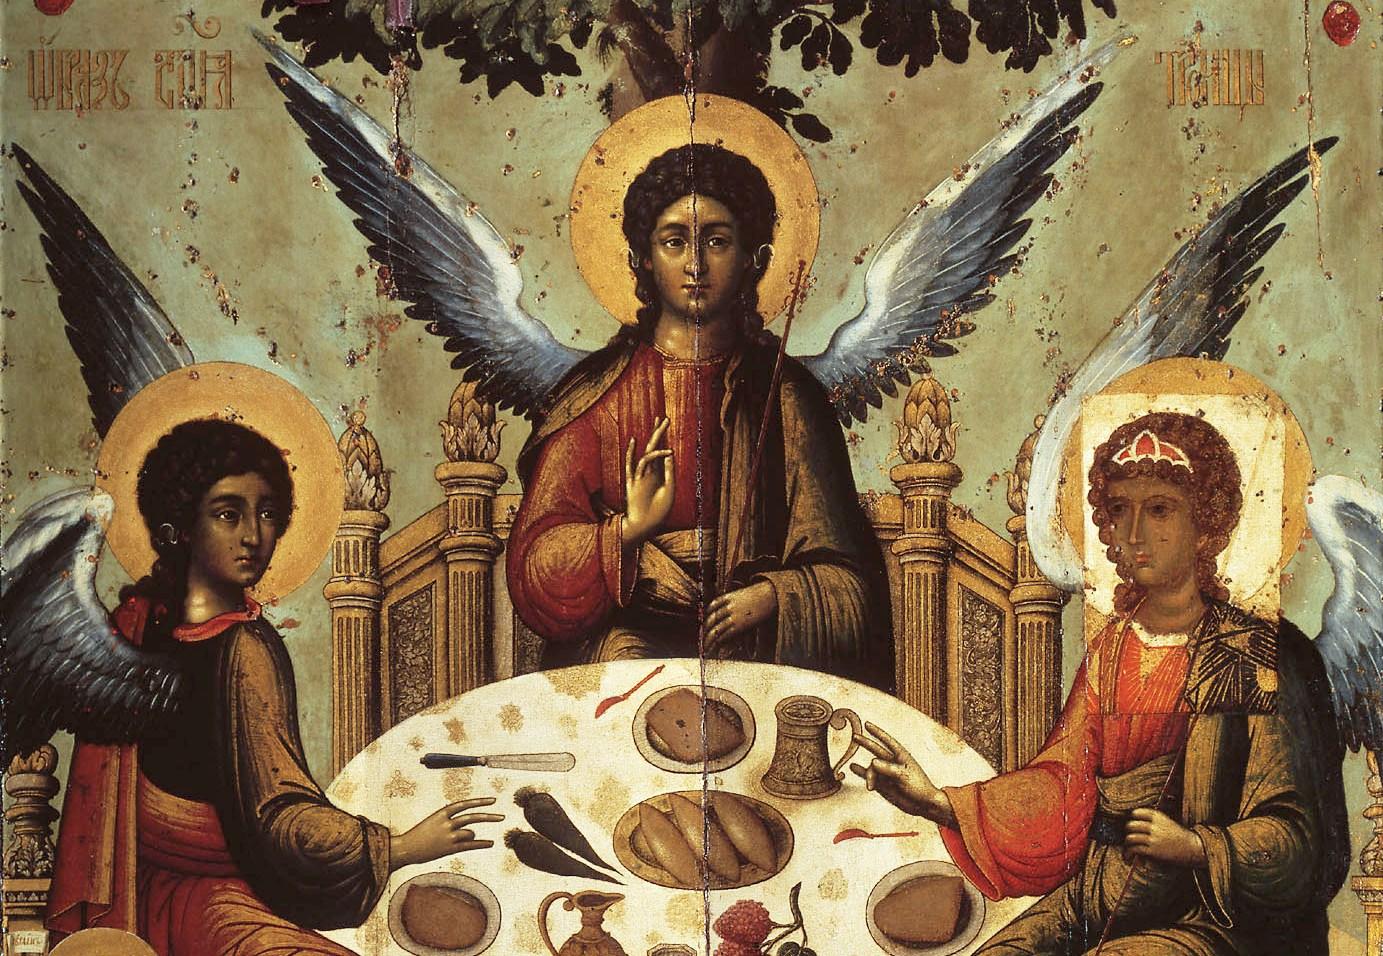 троица католическая картинки судебных приставов